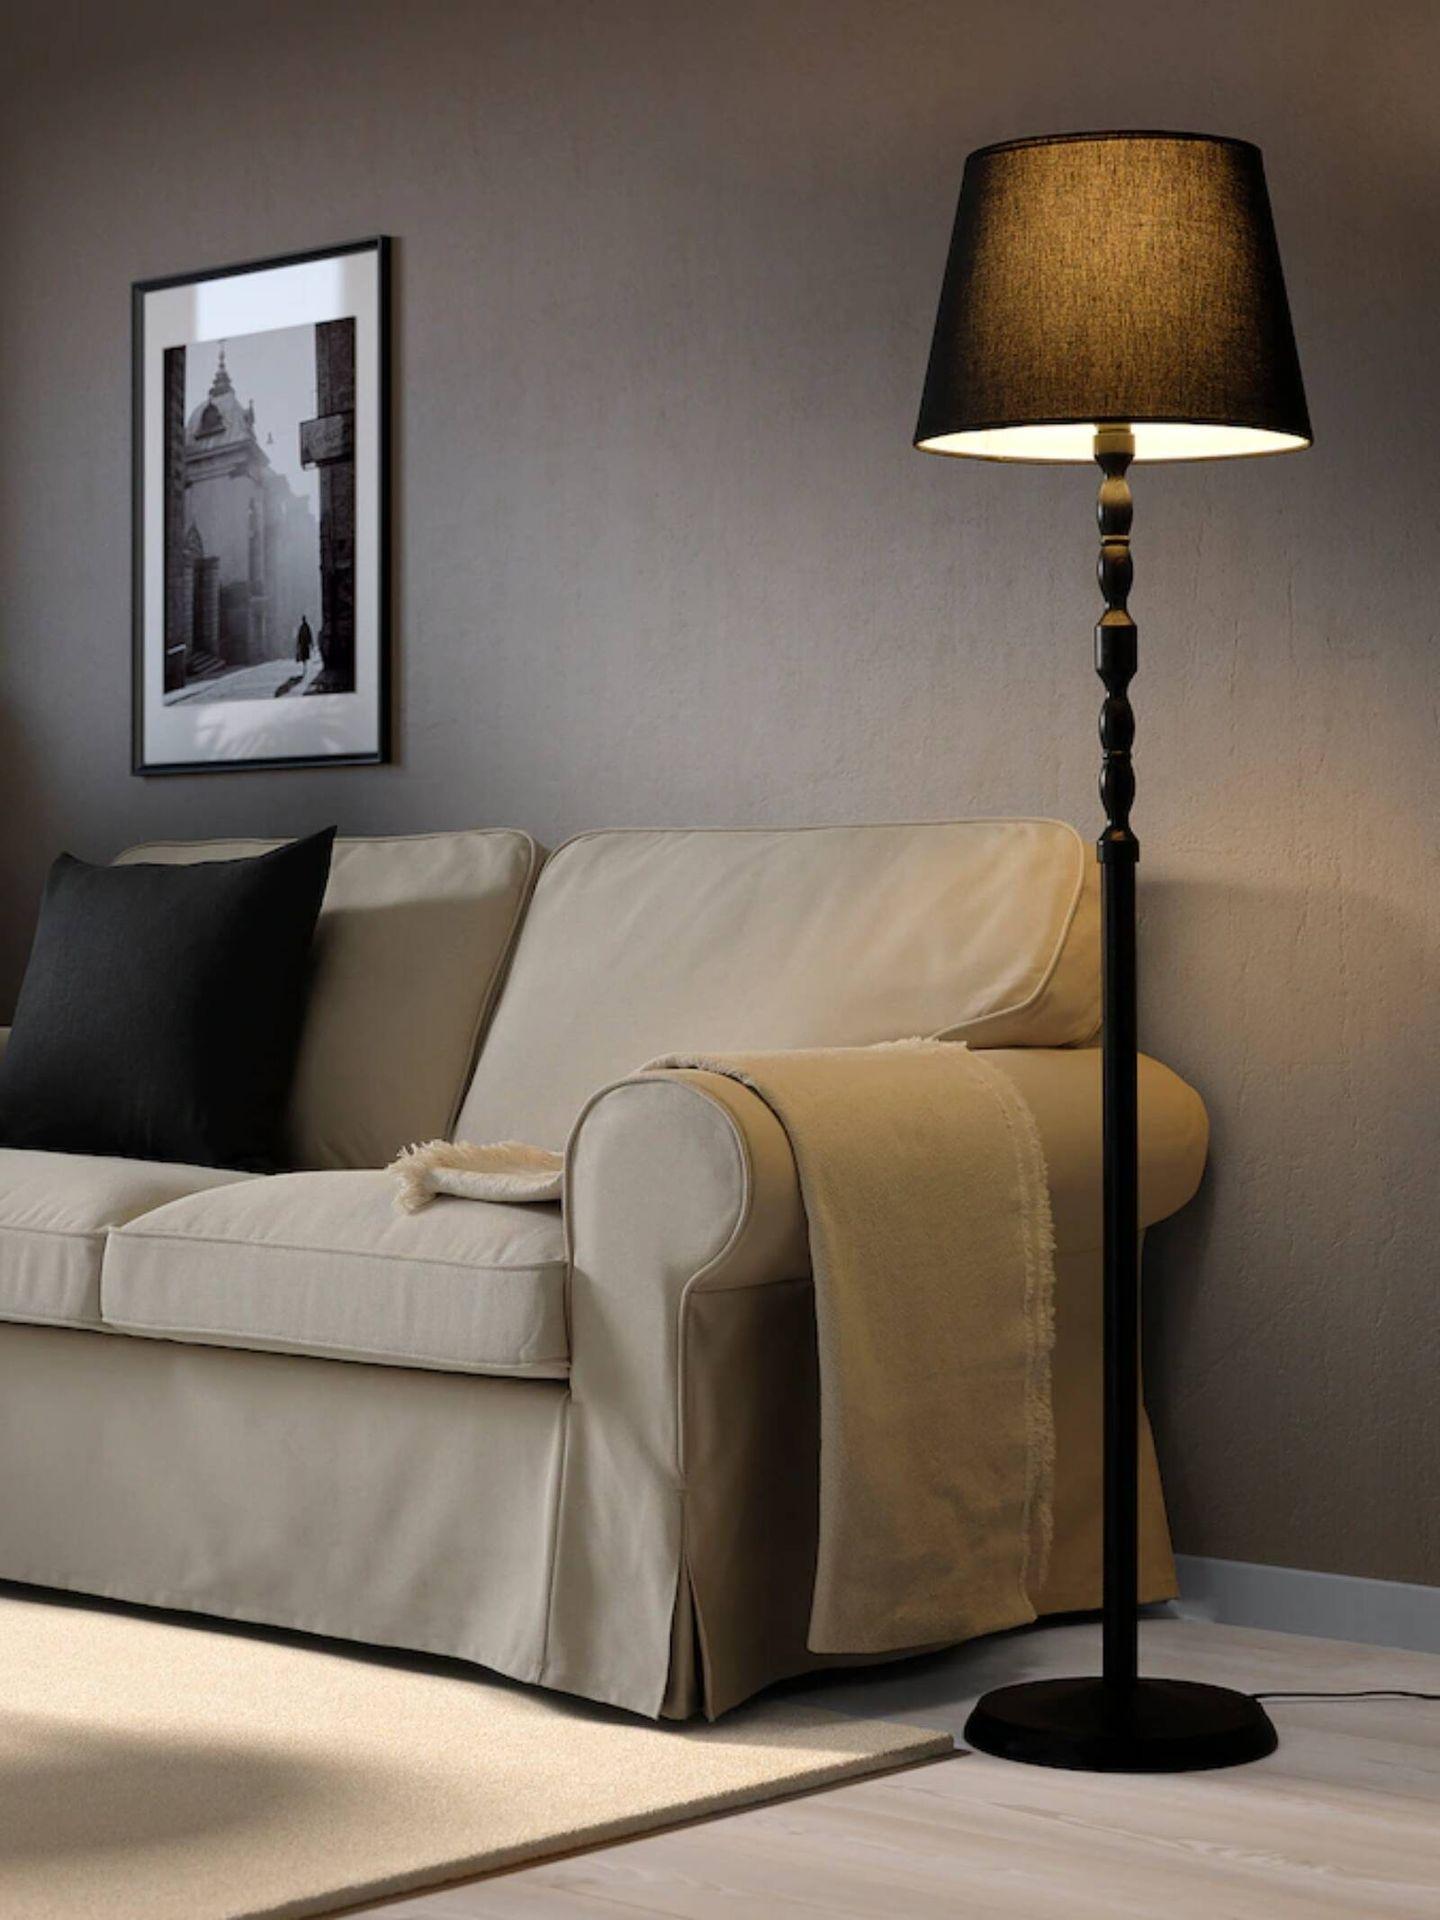 Novedades en lámparas de Ikea para tu casa. (Cortesía)